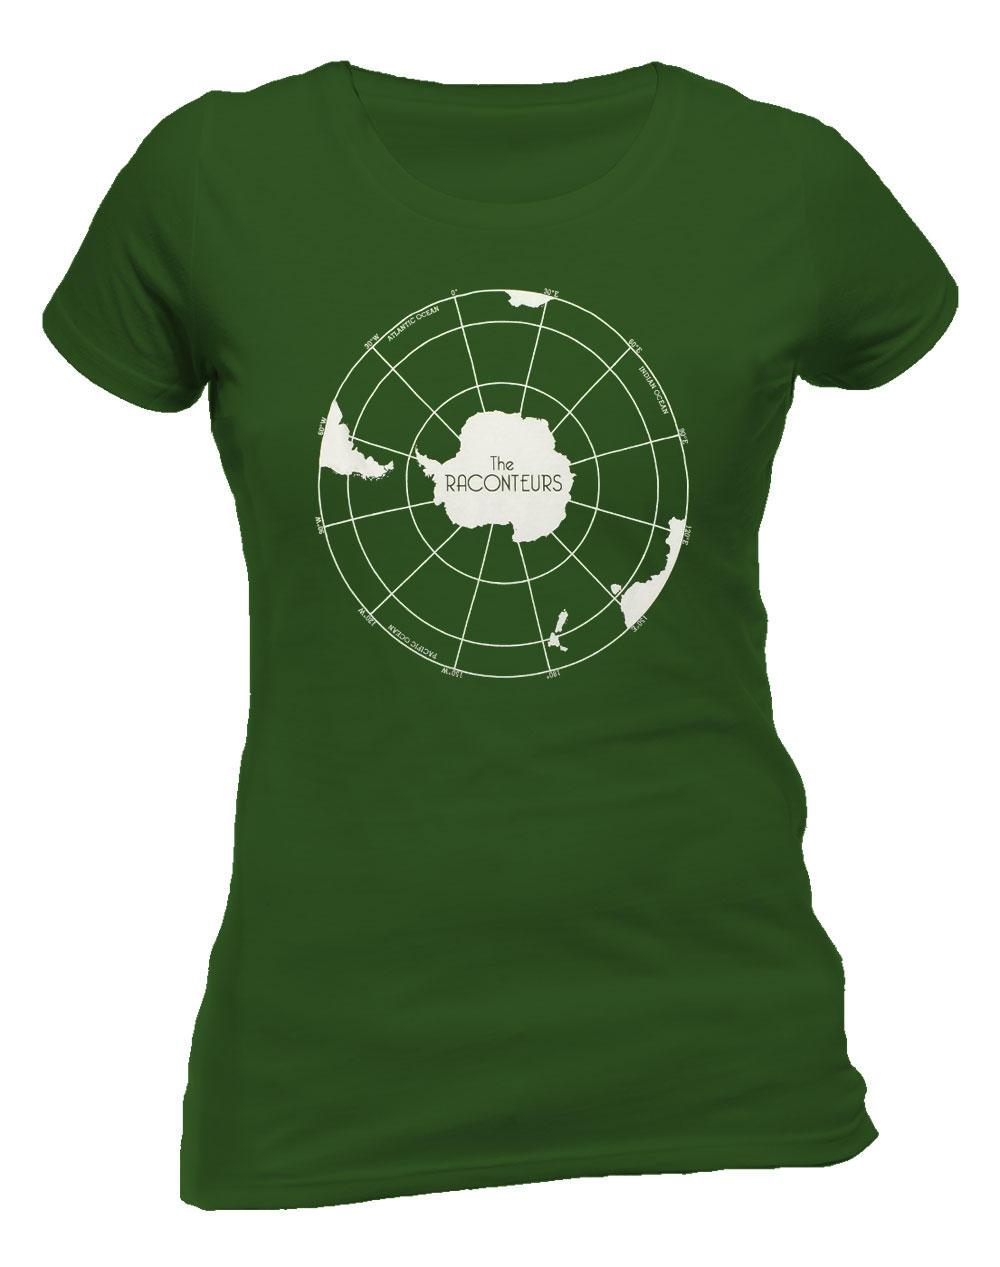 The Raconteurs (Antarctica) T-shirt